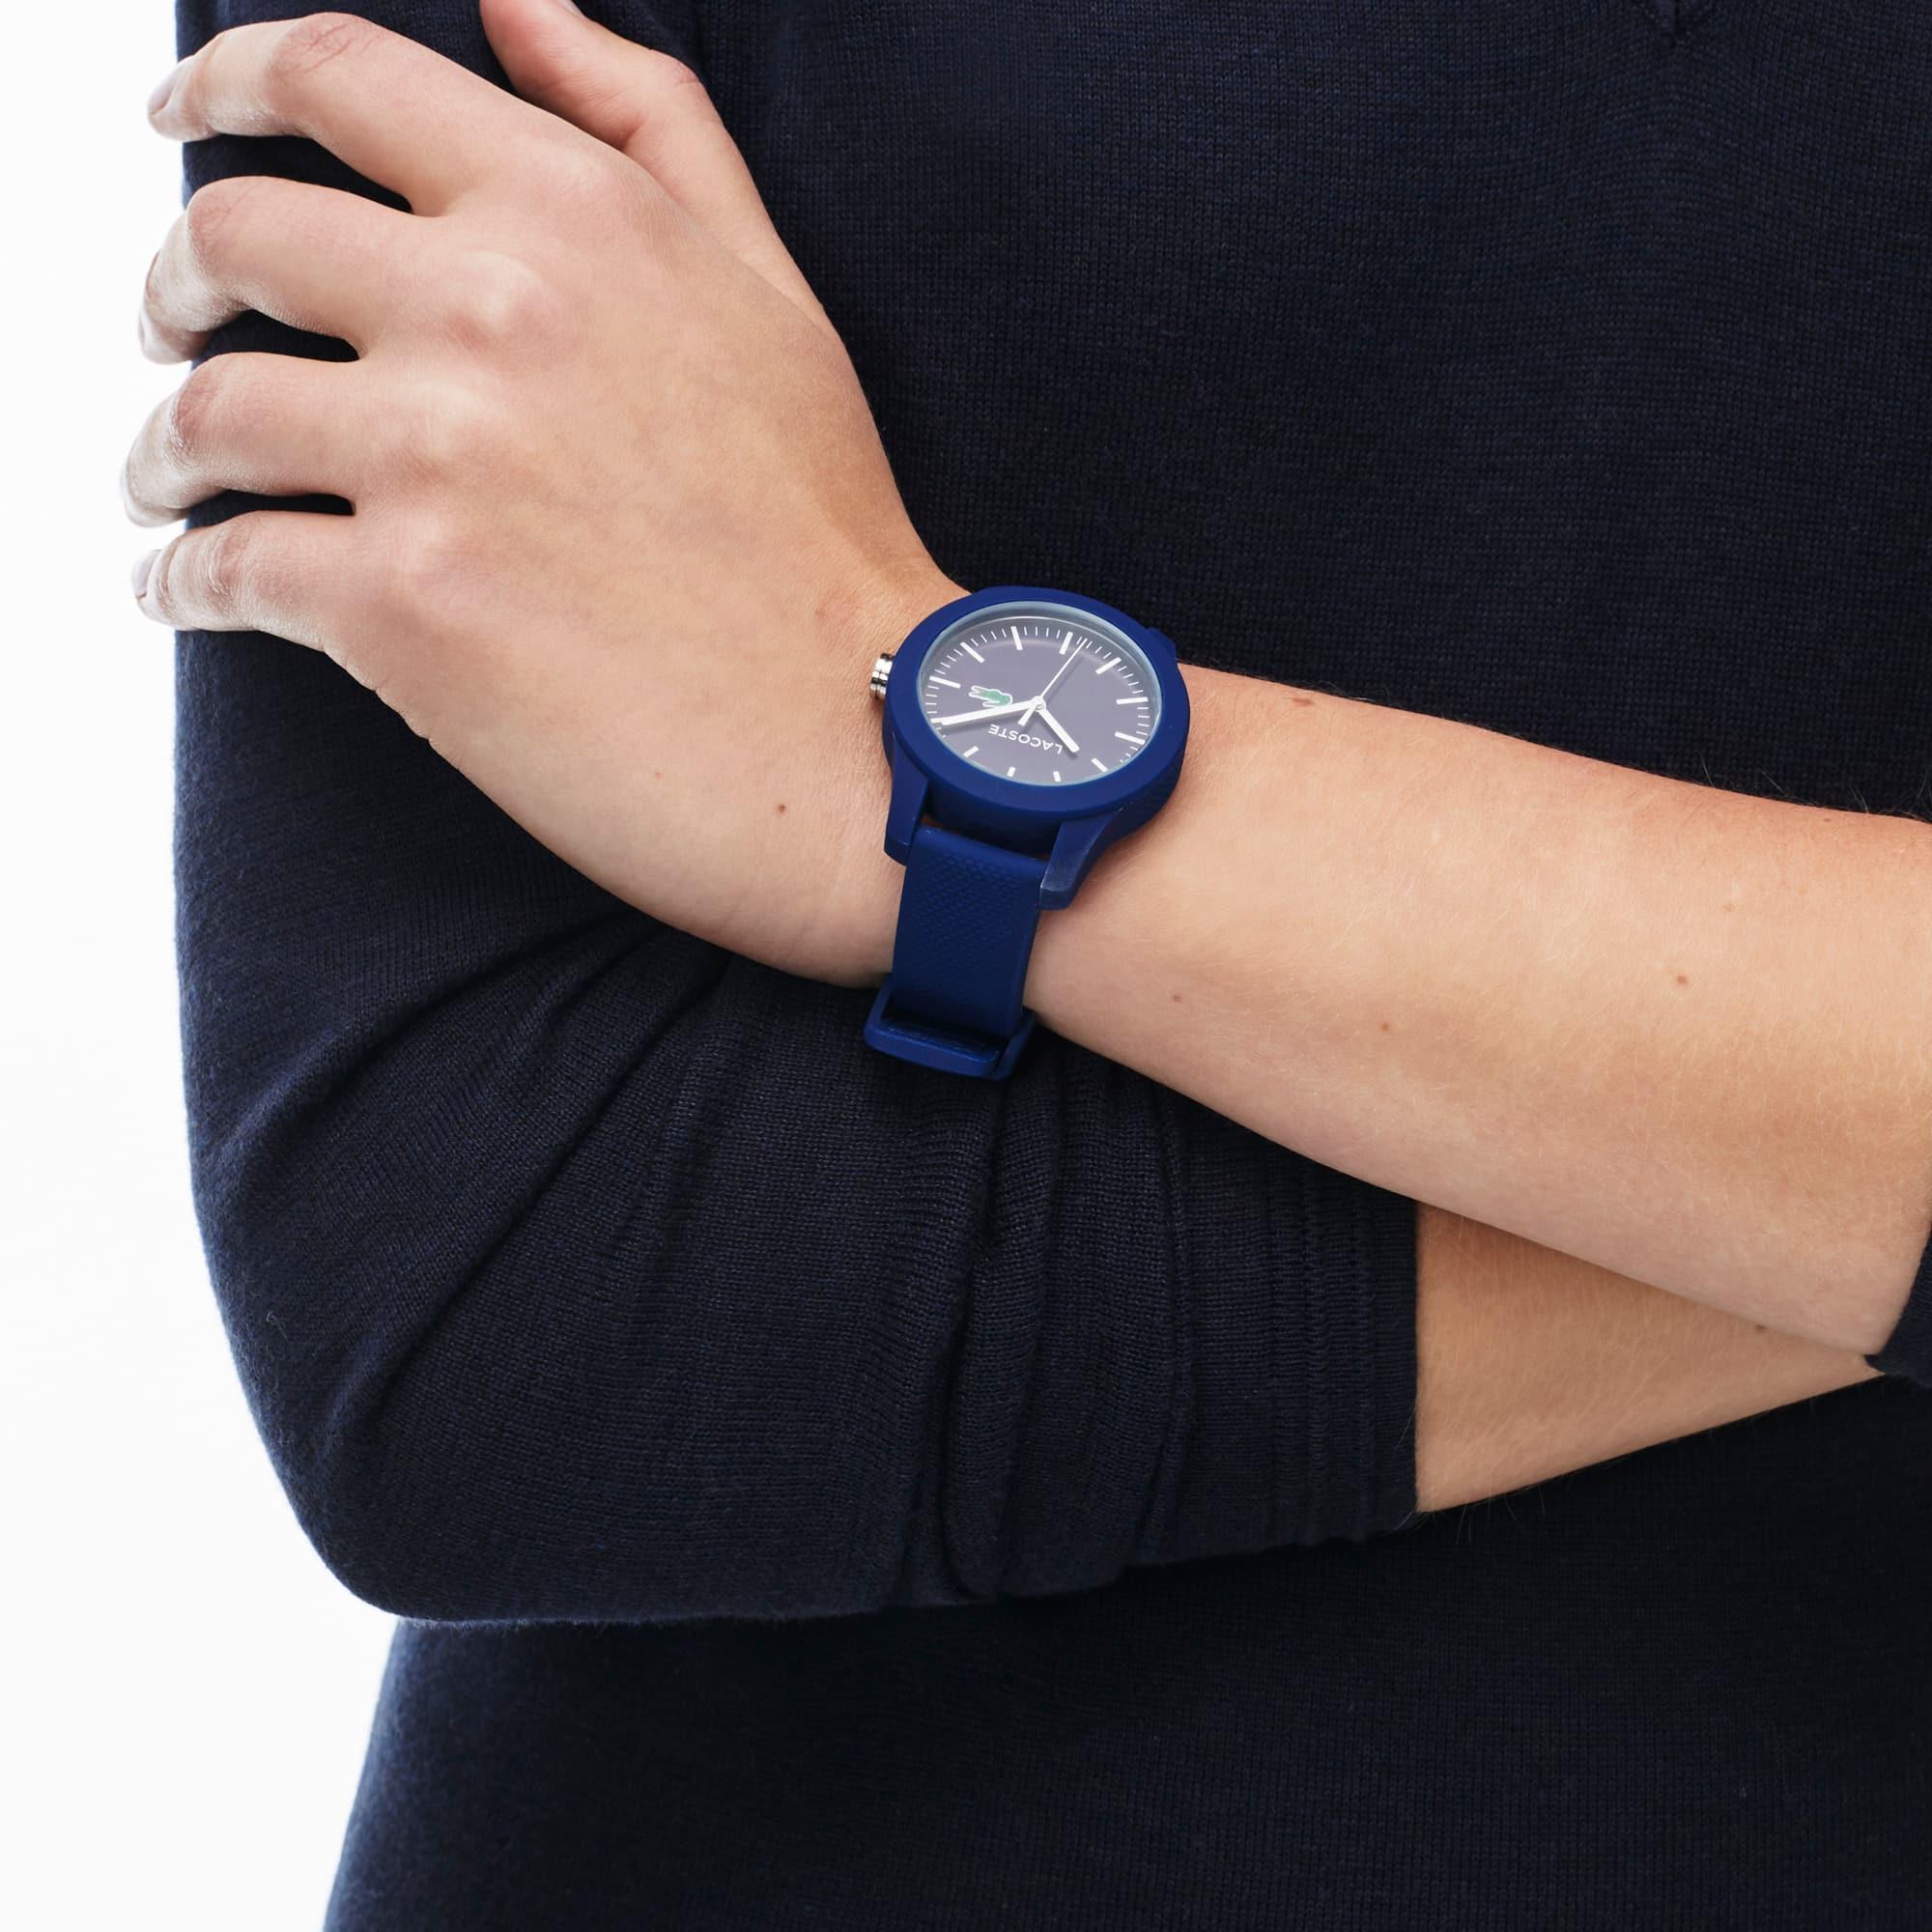 Relógio Lacoste 12.12 Senhora com Bracelete em Silicone Azul